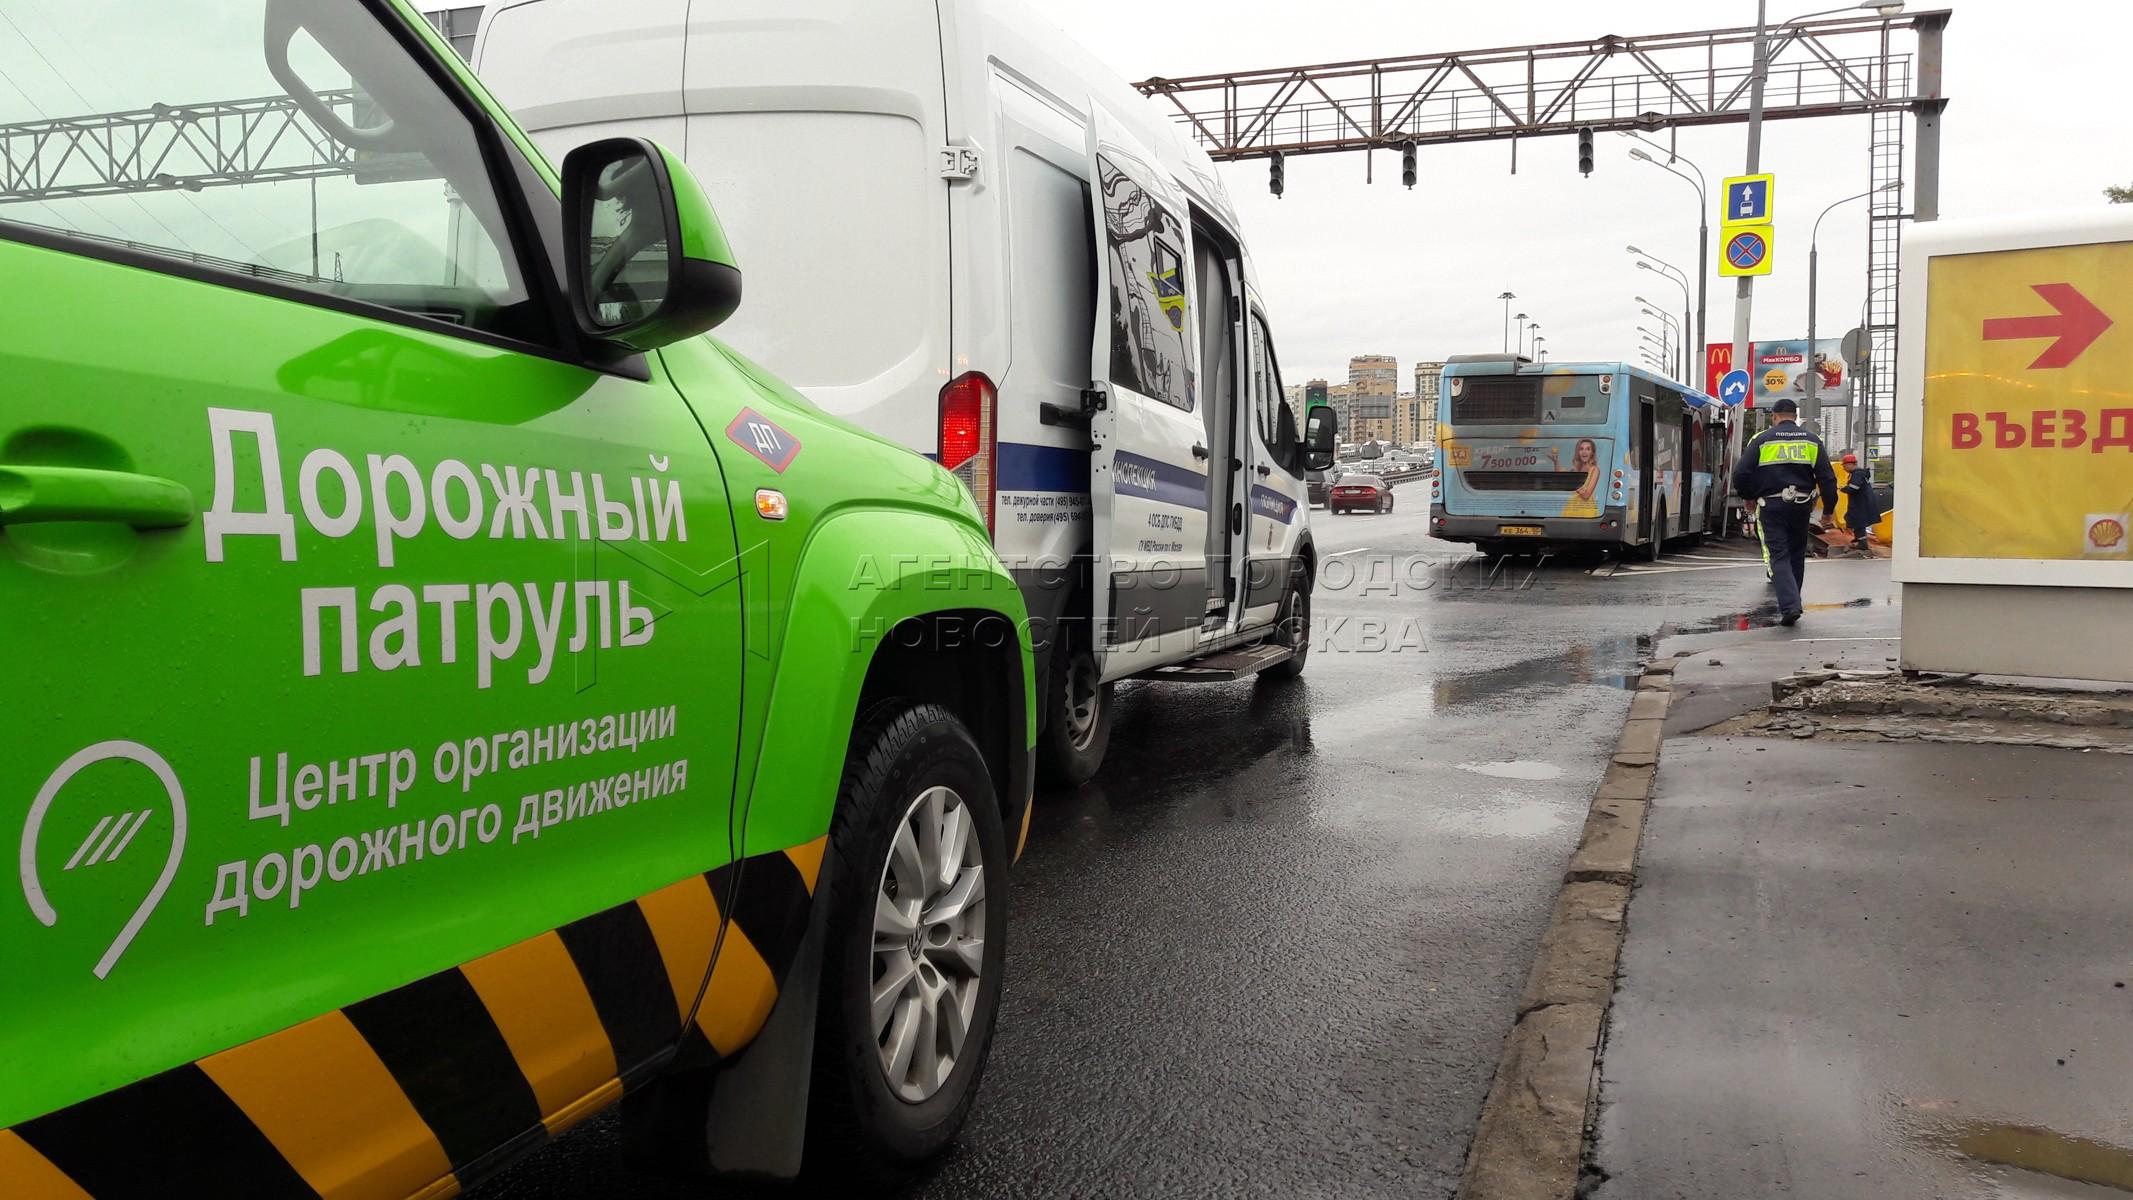 Последствия ДТП c участием рейсового автобуса, врезавшегося в мачту городского освещения после маневра Chevrolet Cruze  по адресу Ленинградское шоссе, д.71.